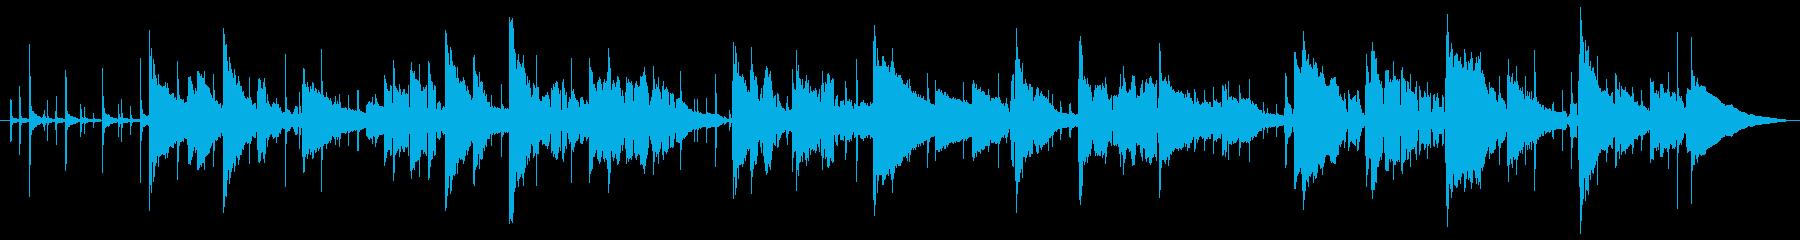 軽やかなスムースジャズの再生済みの波形